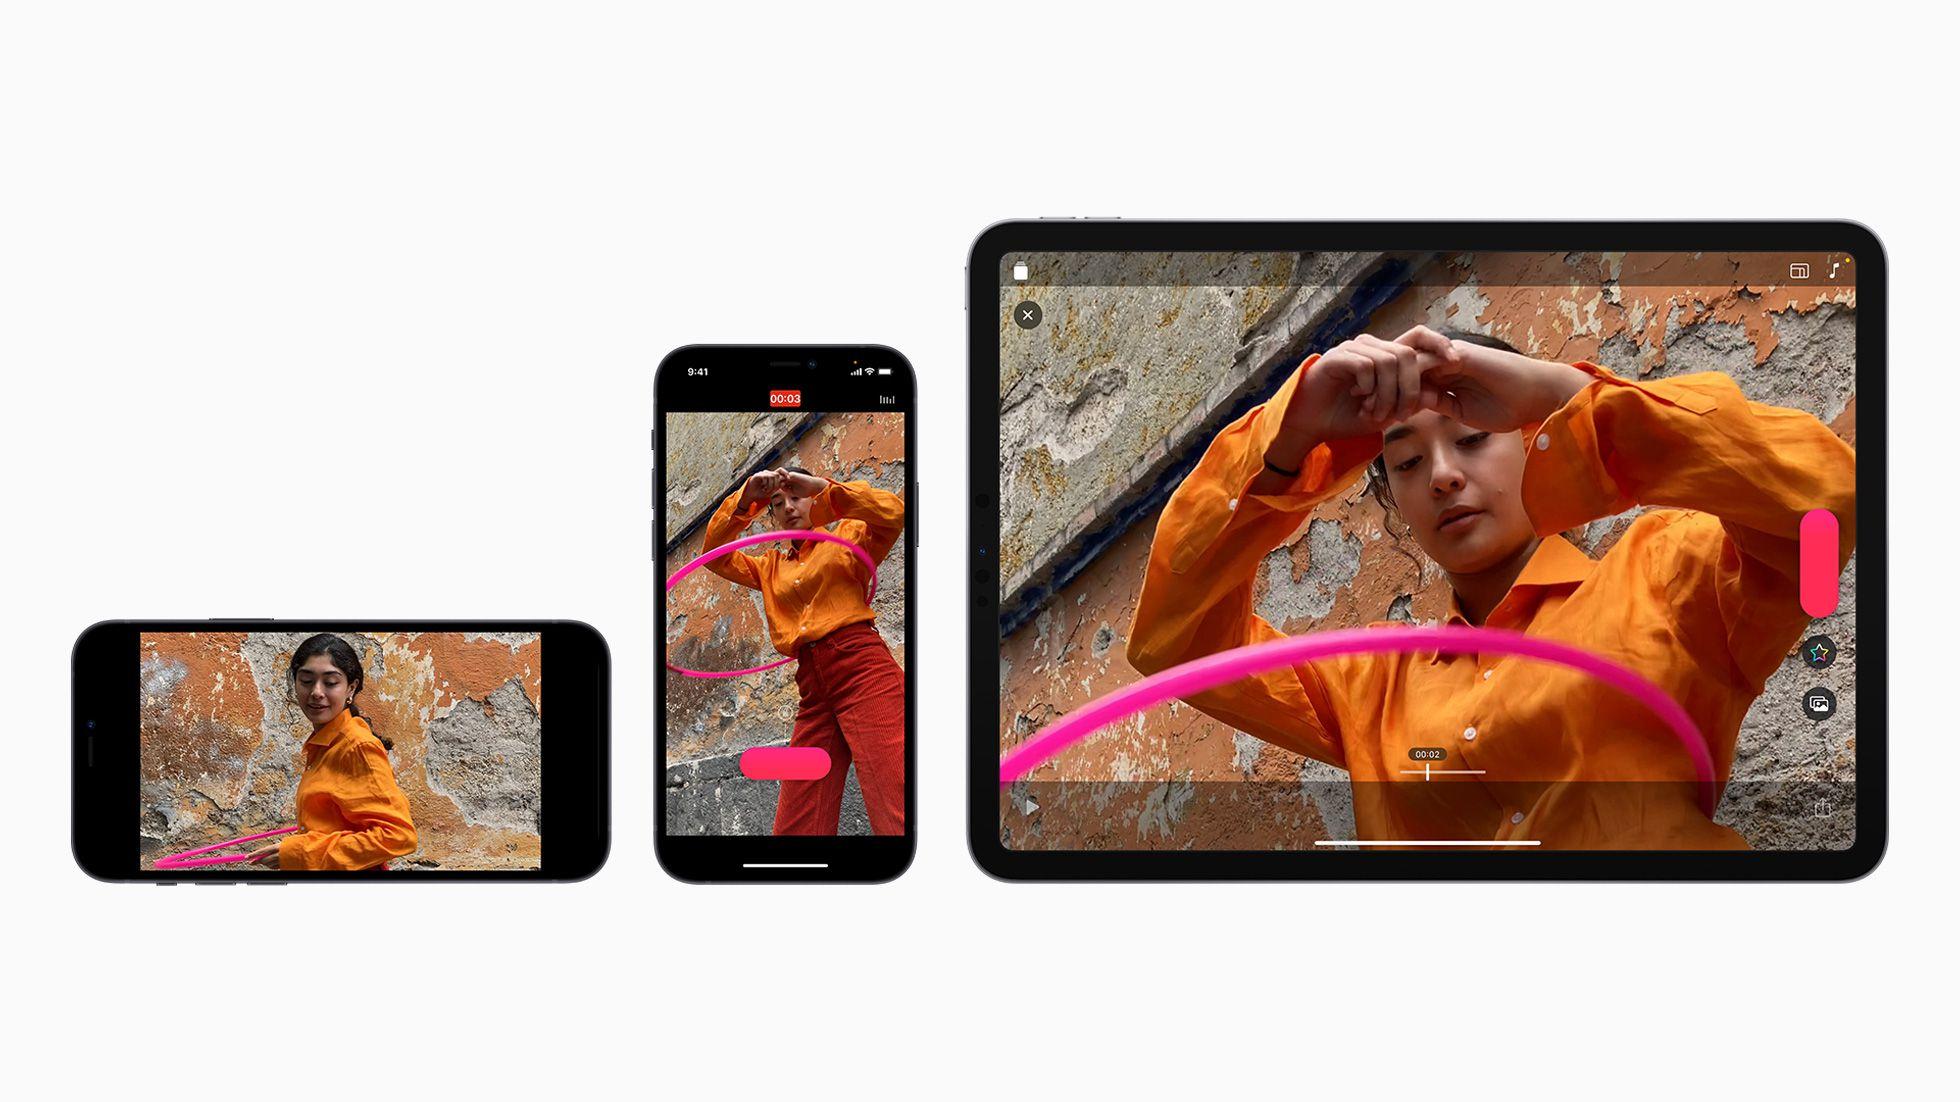 Un iPhone à l'horizontal, un à la verticale et un iPad à la vertical ouverts sur l'application Clips d'Apple.